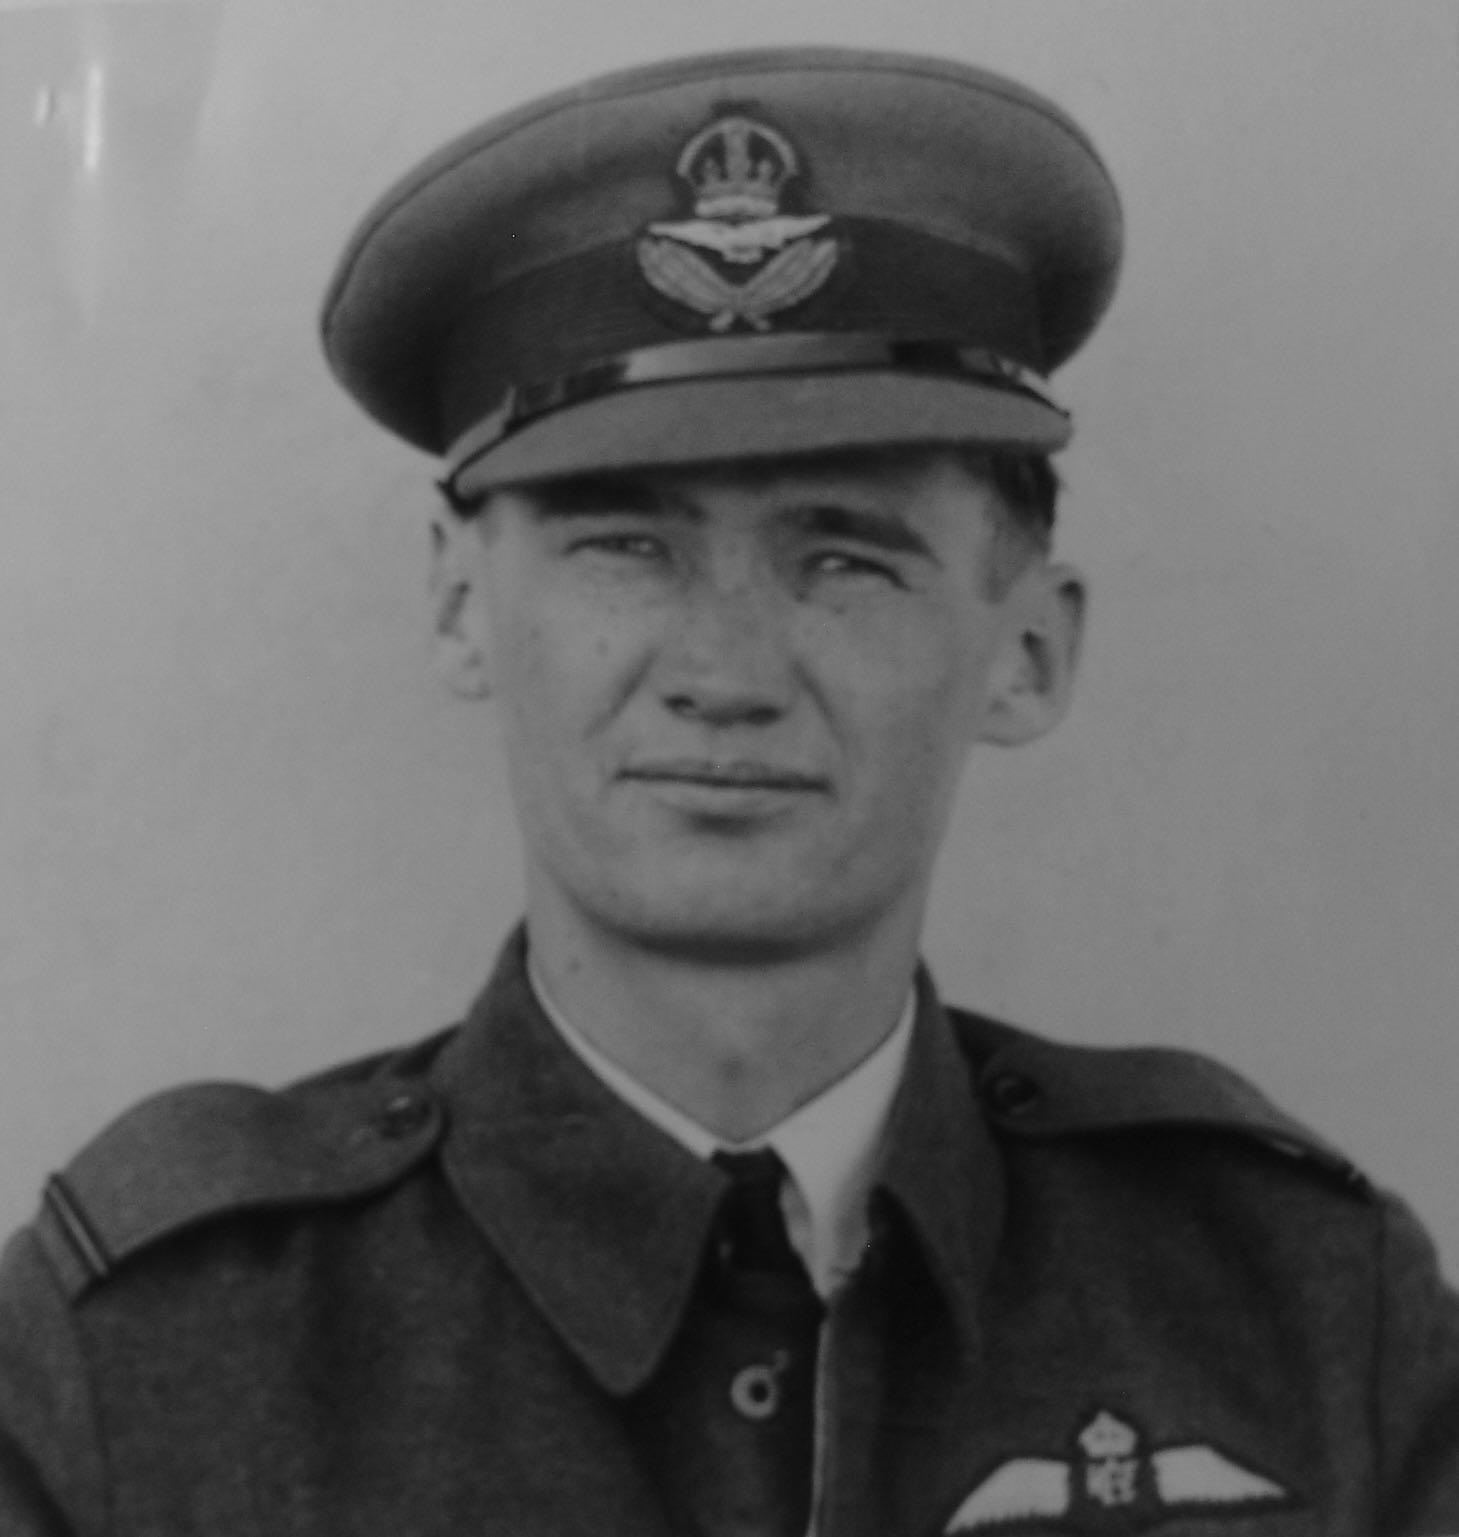 Canadian Fallen Soldier - Flying Officer PAUL JAMES ELFNER